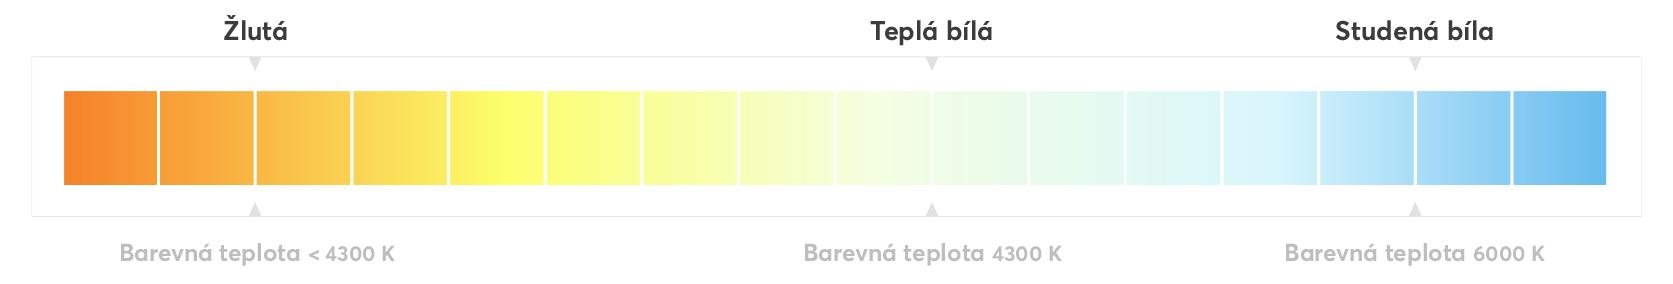 bila_as